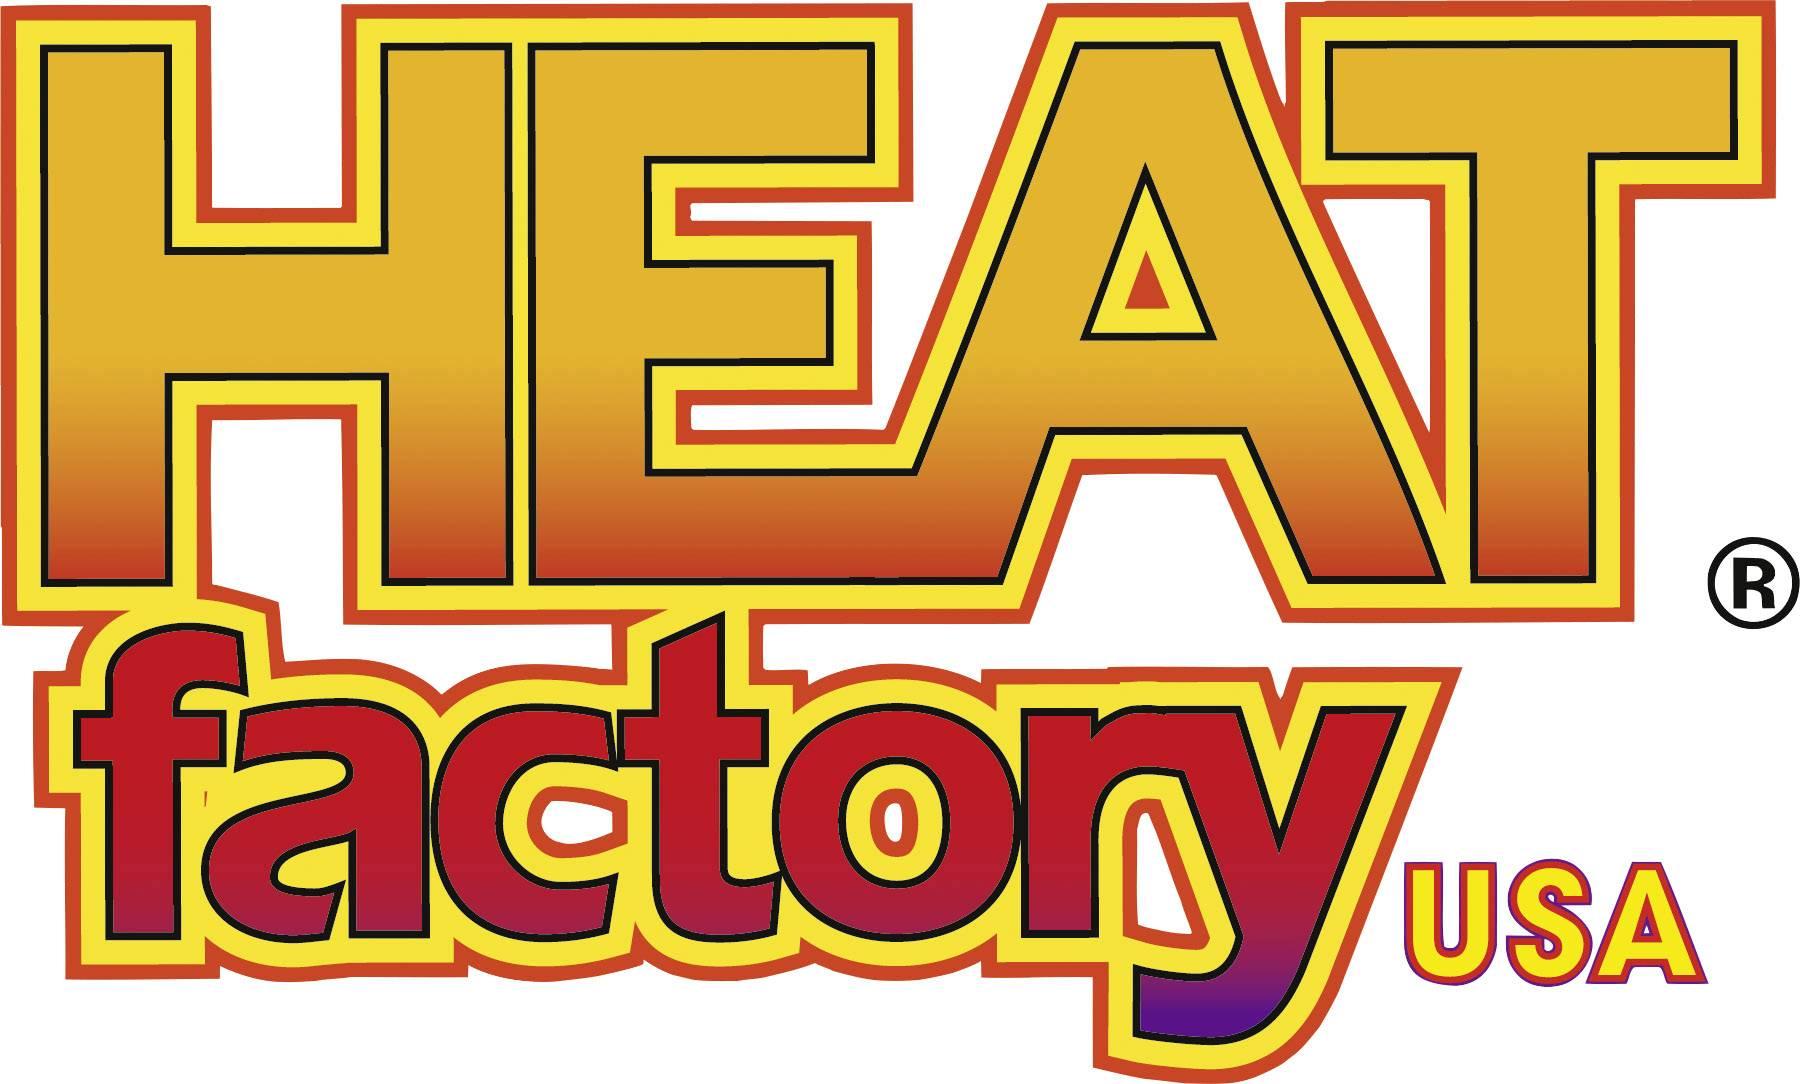 Heatfactory